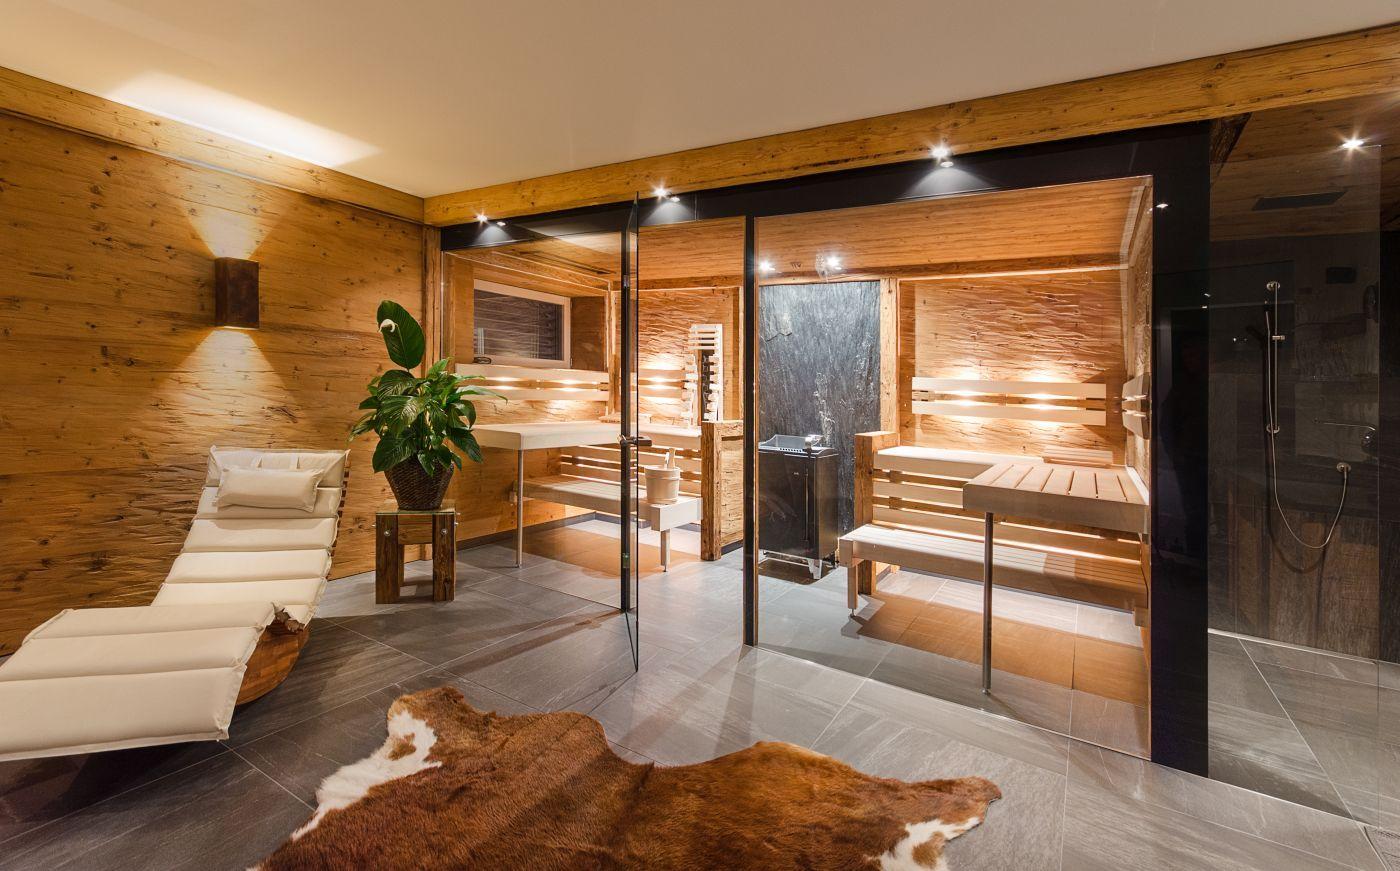 Full Size of Außensauna Wandaufbau Individualitt Auf Hchstem Niveau Bieten Unsere Saunen In Wohnzimmer Außensauna Wandaufbau